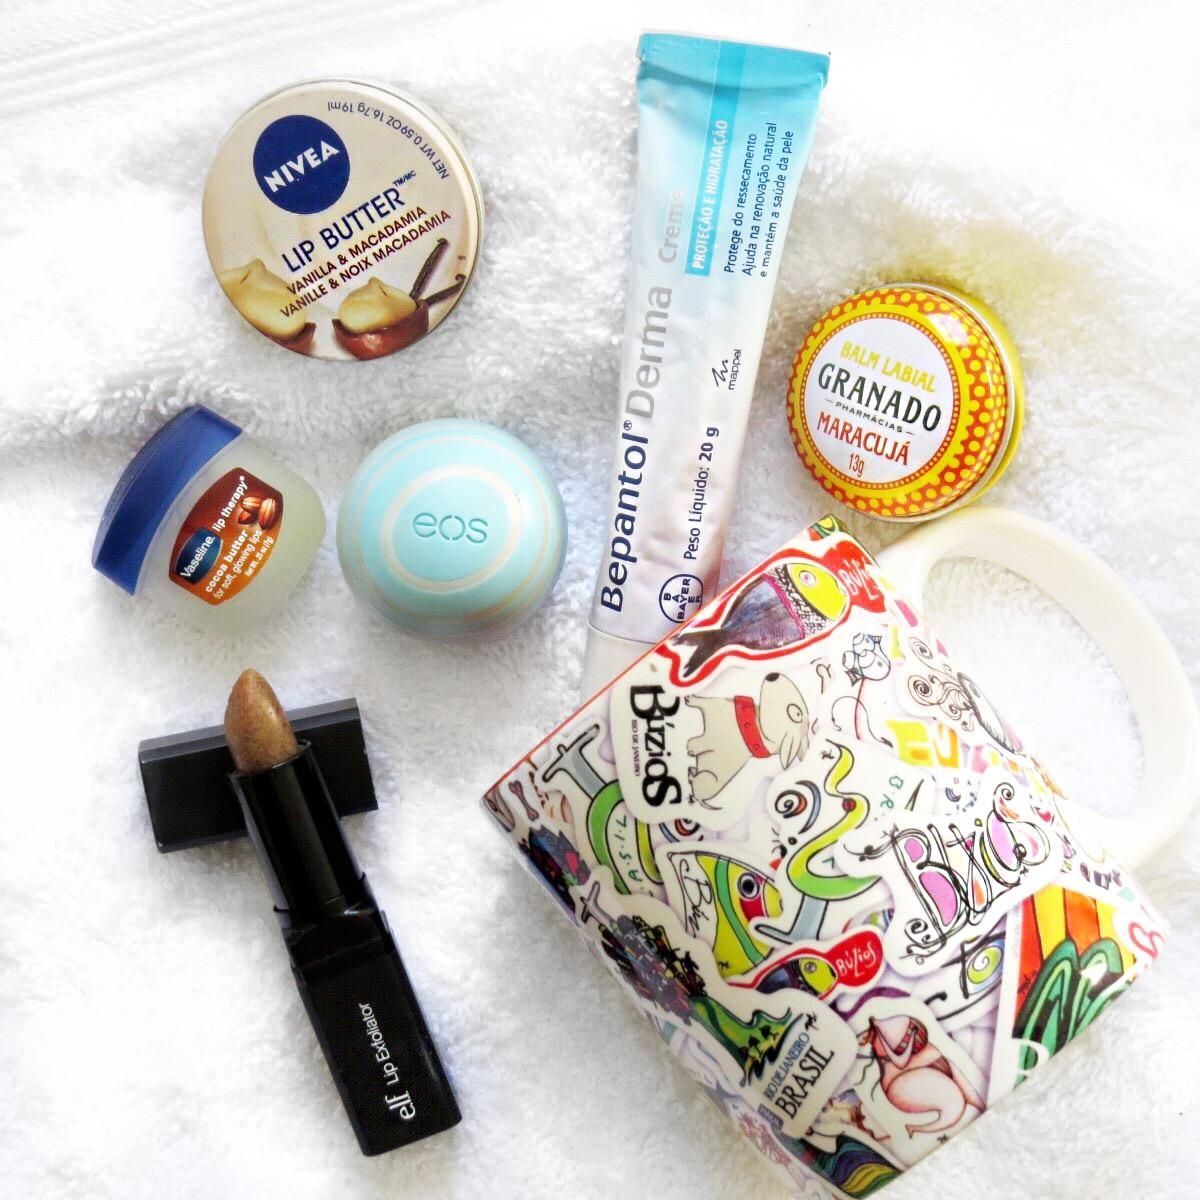 lip balms - como cuidar da pele do rosto no inverno - hidratante labial